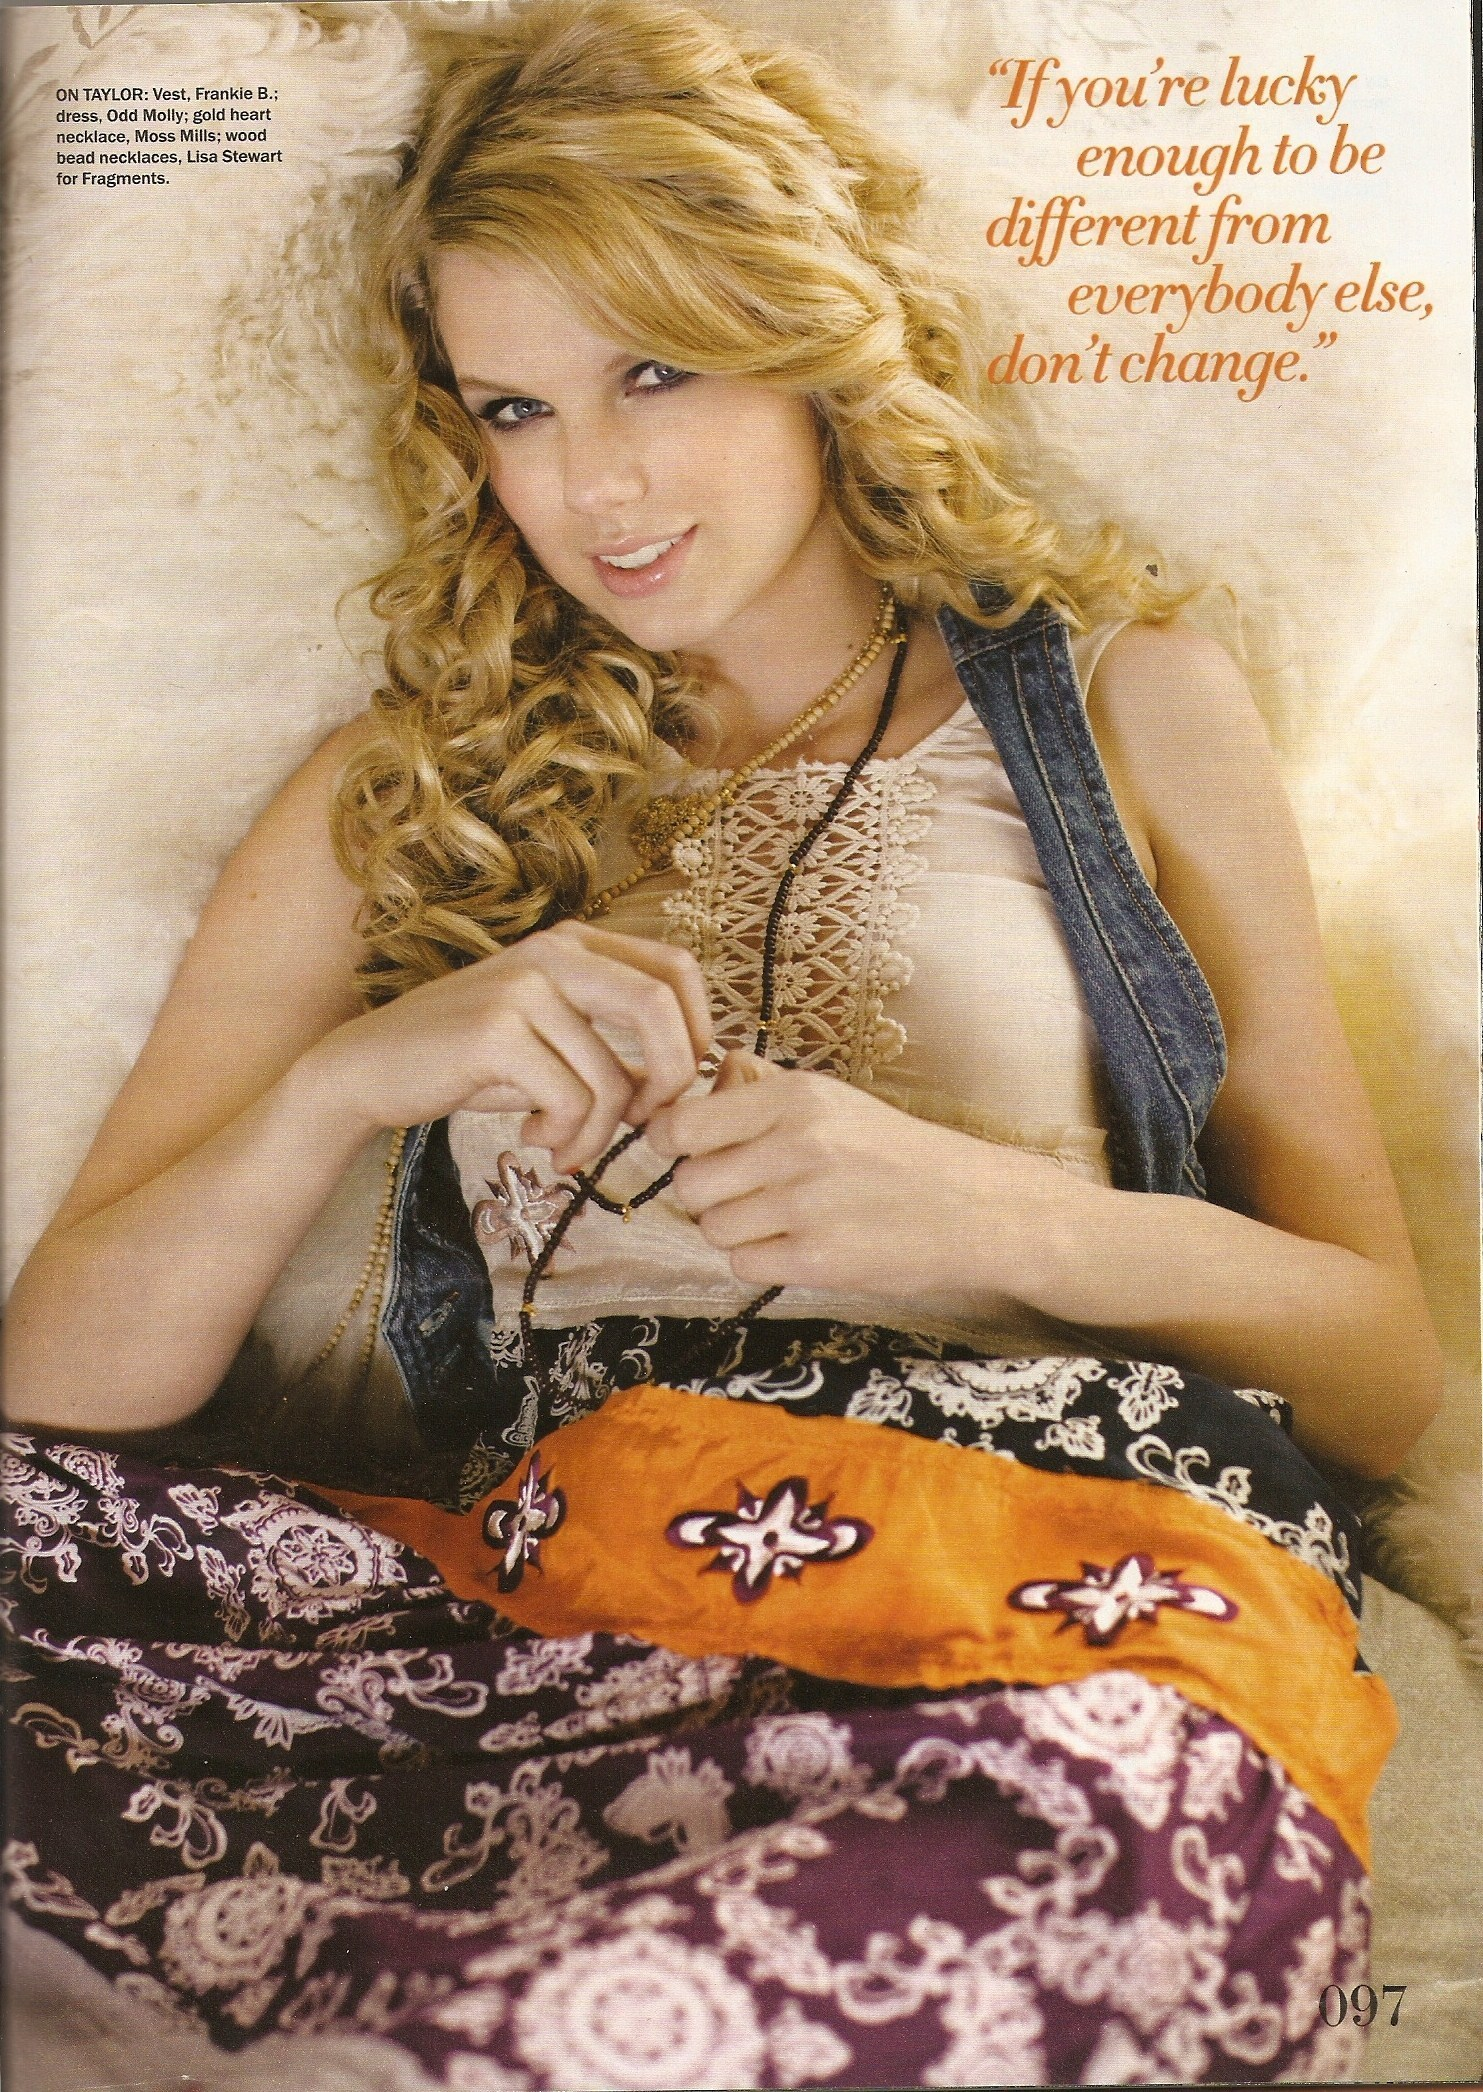 Taylor Swift - Wikiquote